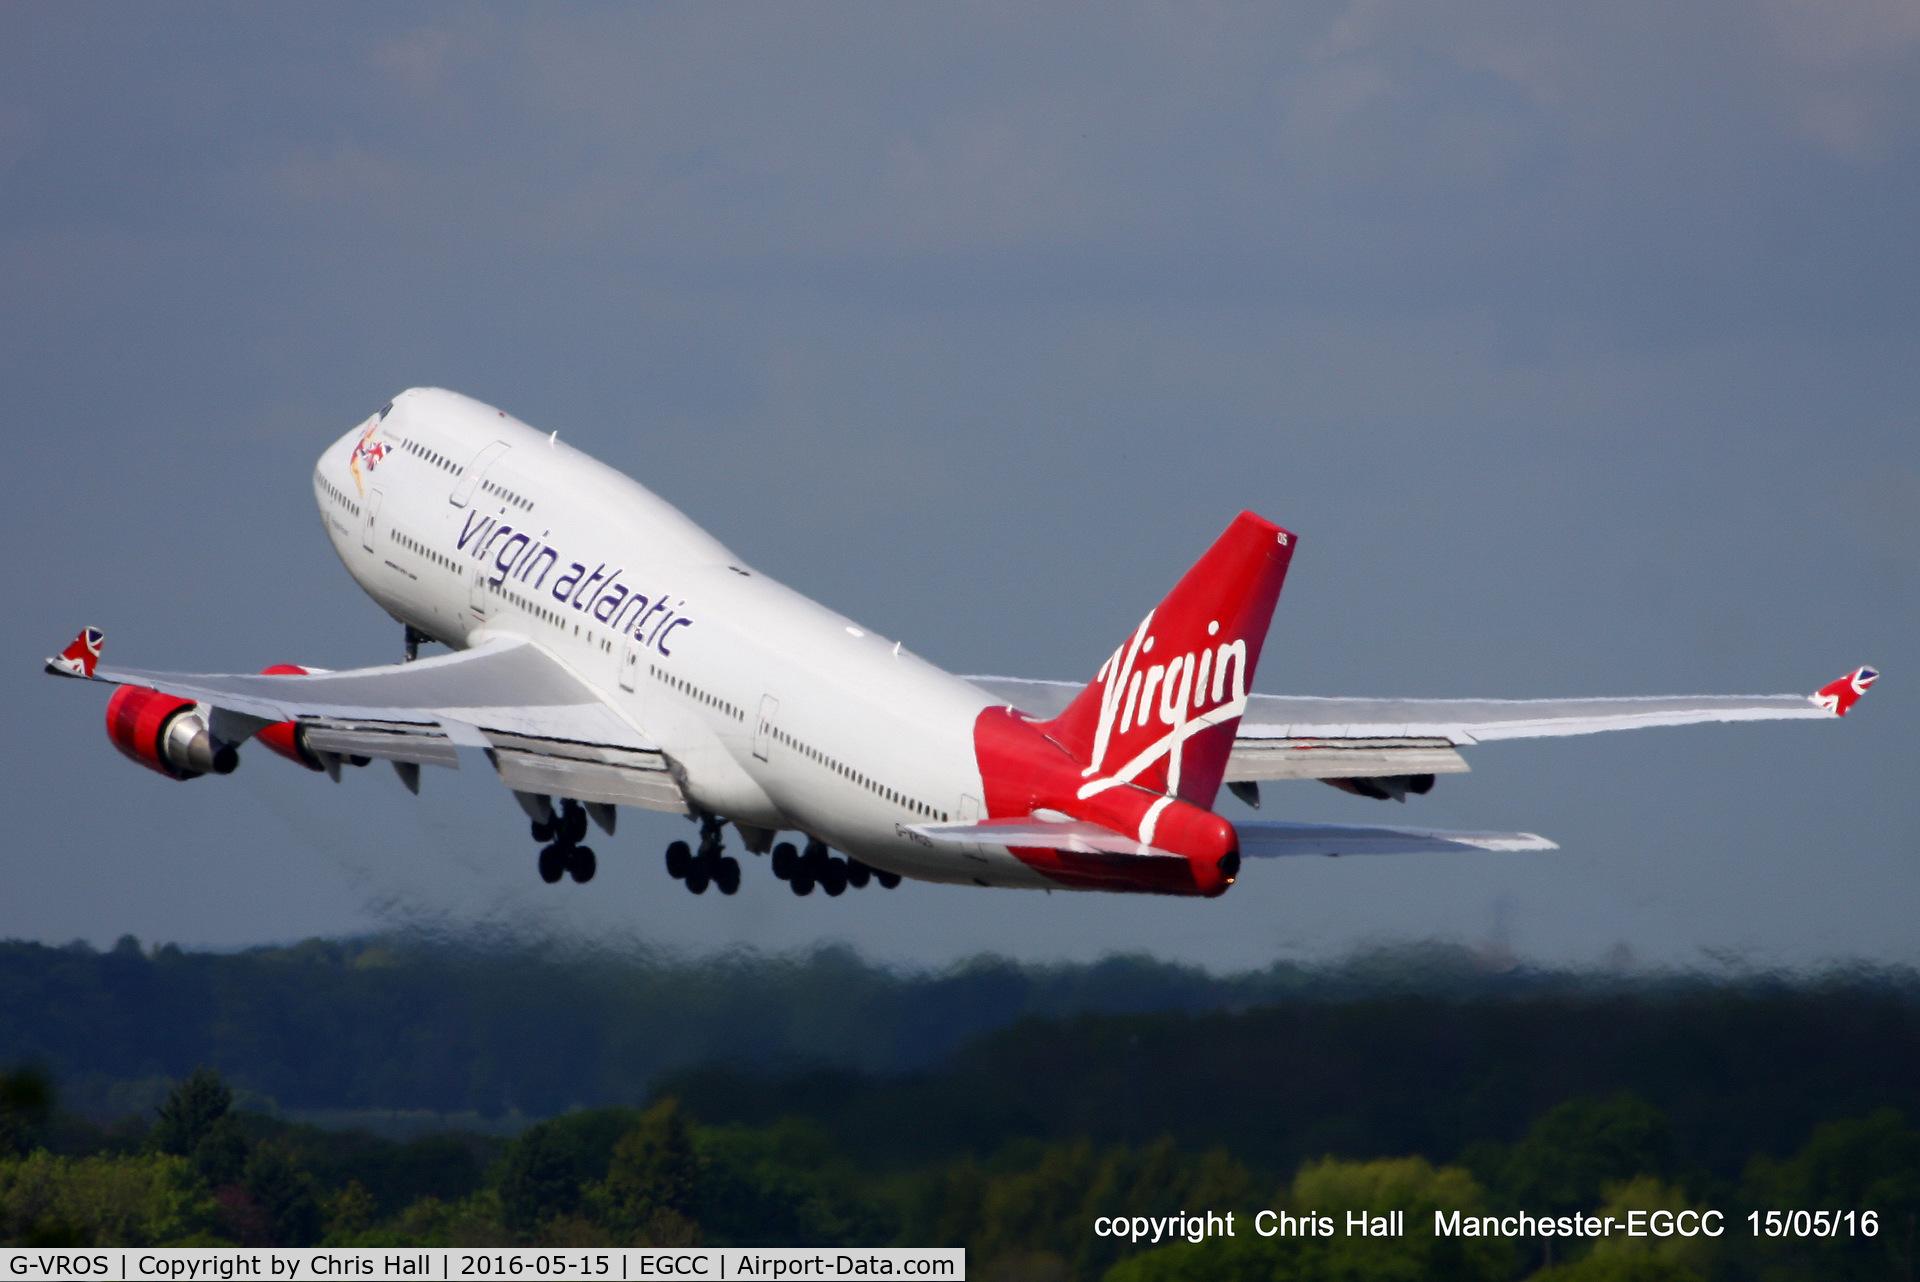 G-VROS, 2001 Boeing 747-443 C/N 30885, Virgin Atlantic